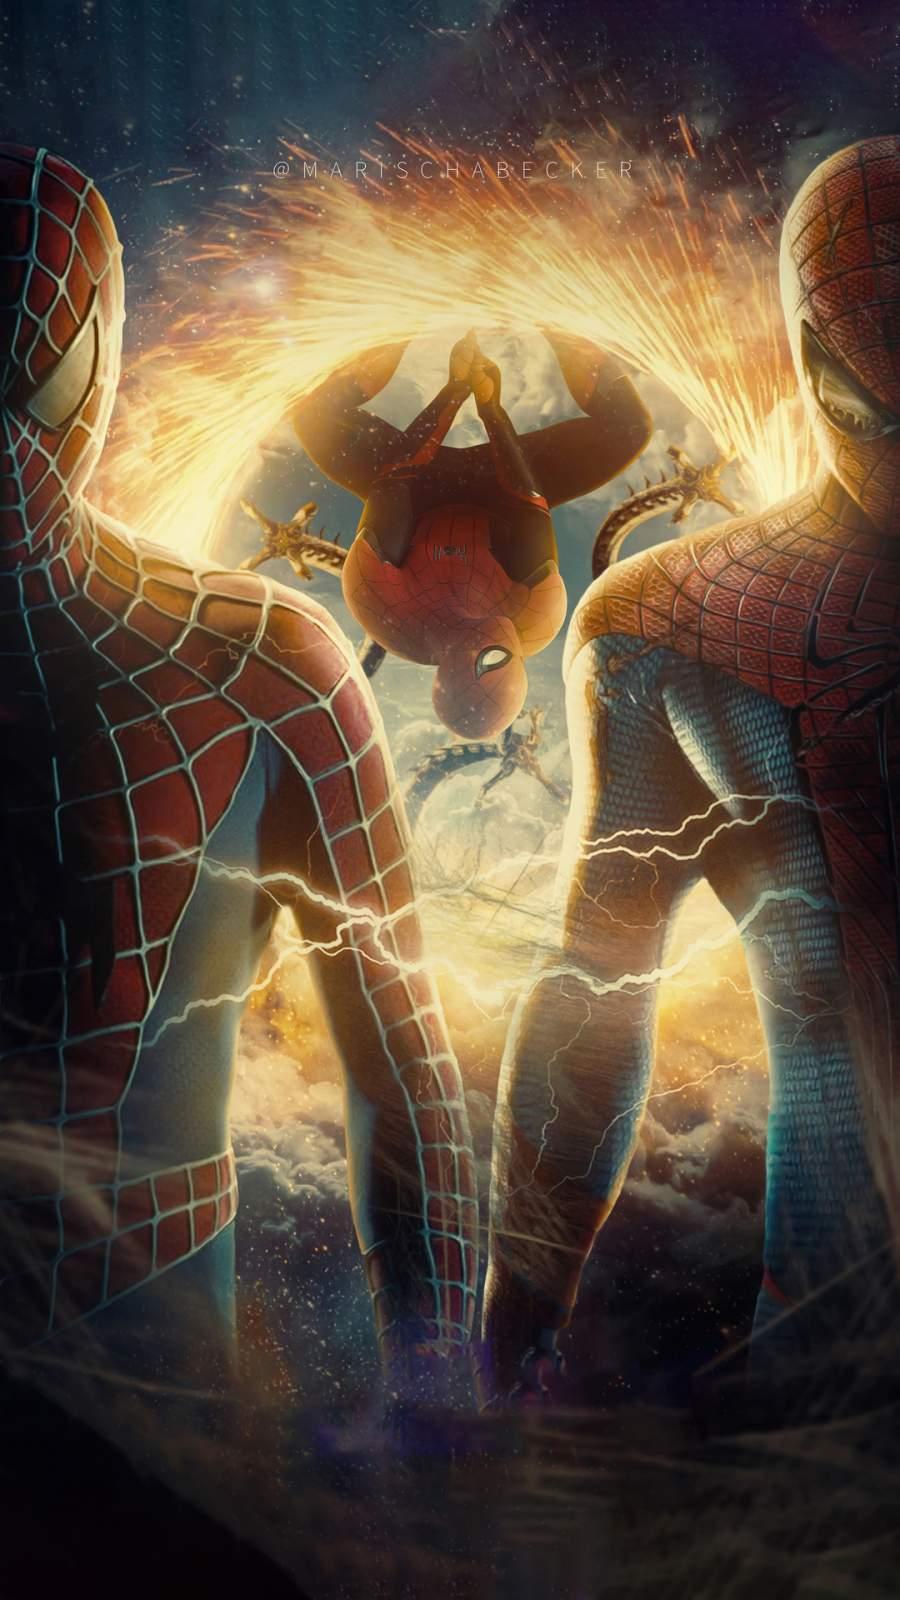 Spiderman Homerun